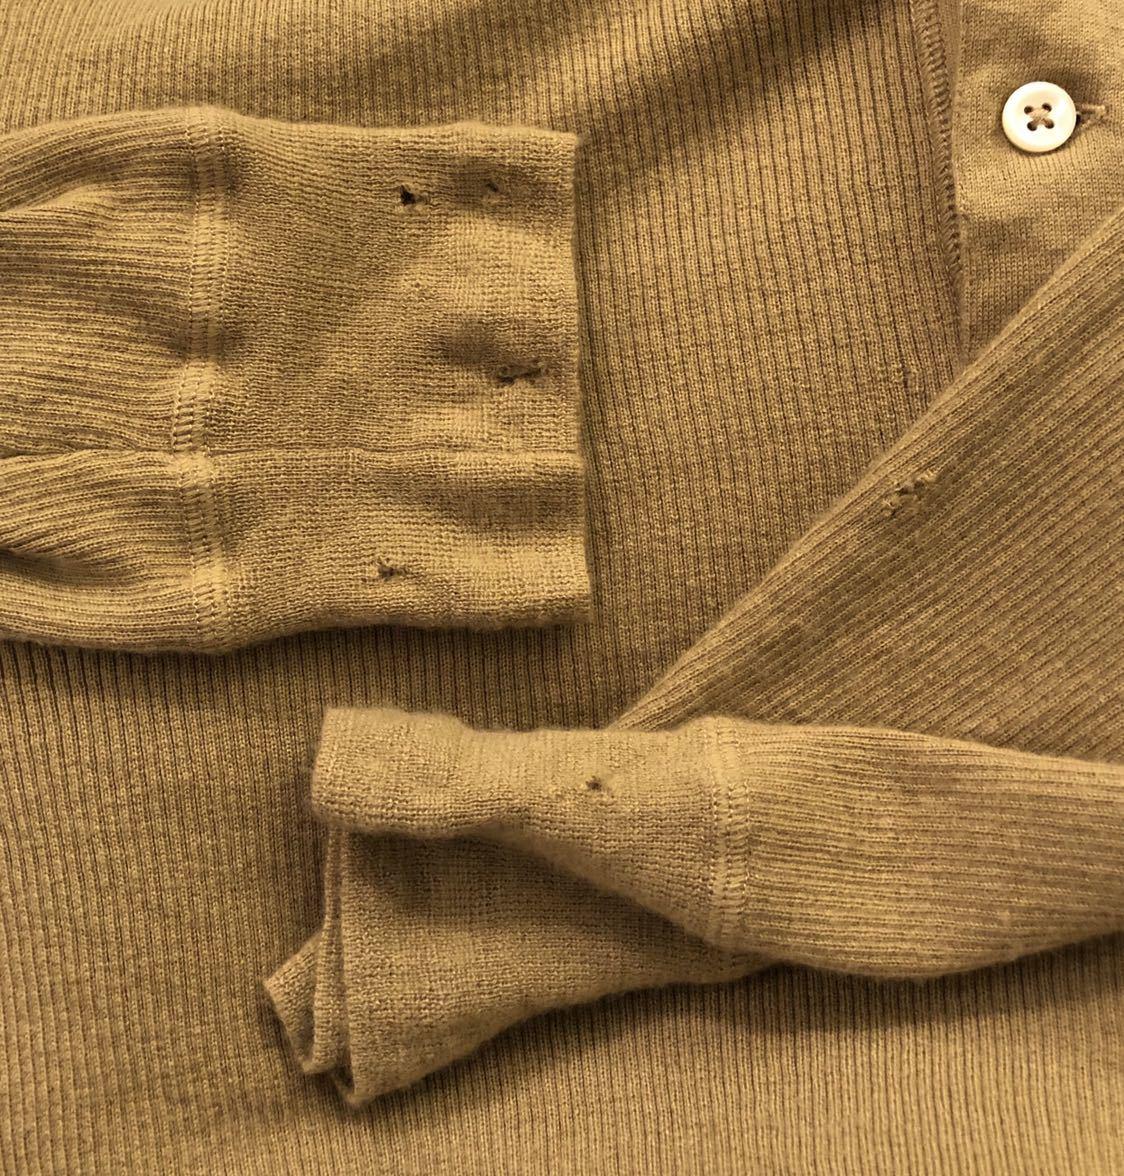 希少 POLO RALPH LAUREN カシミヤ 100% ヘンリーネック ニット セーター XL キャメル ベージュ ポロ ラルフローレン カシミア カットソー_画像4